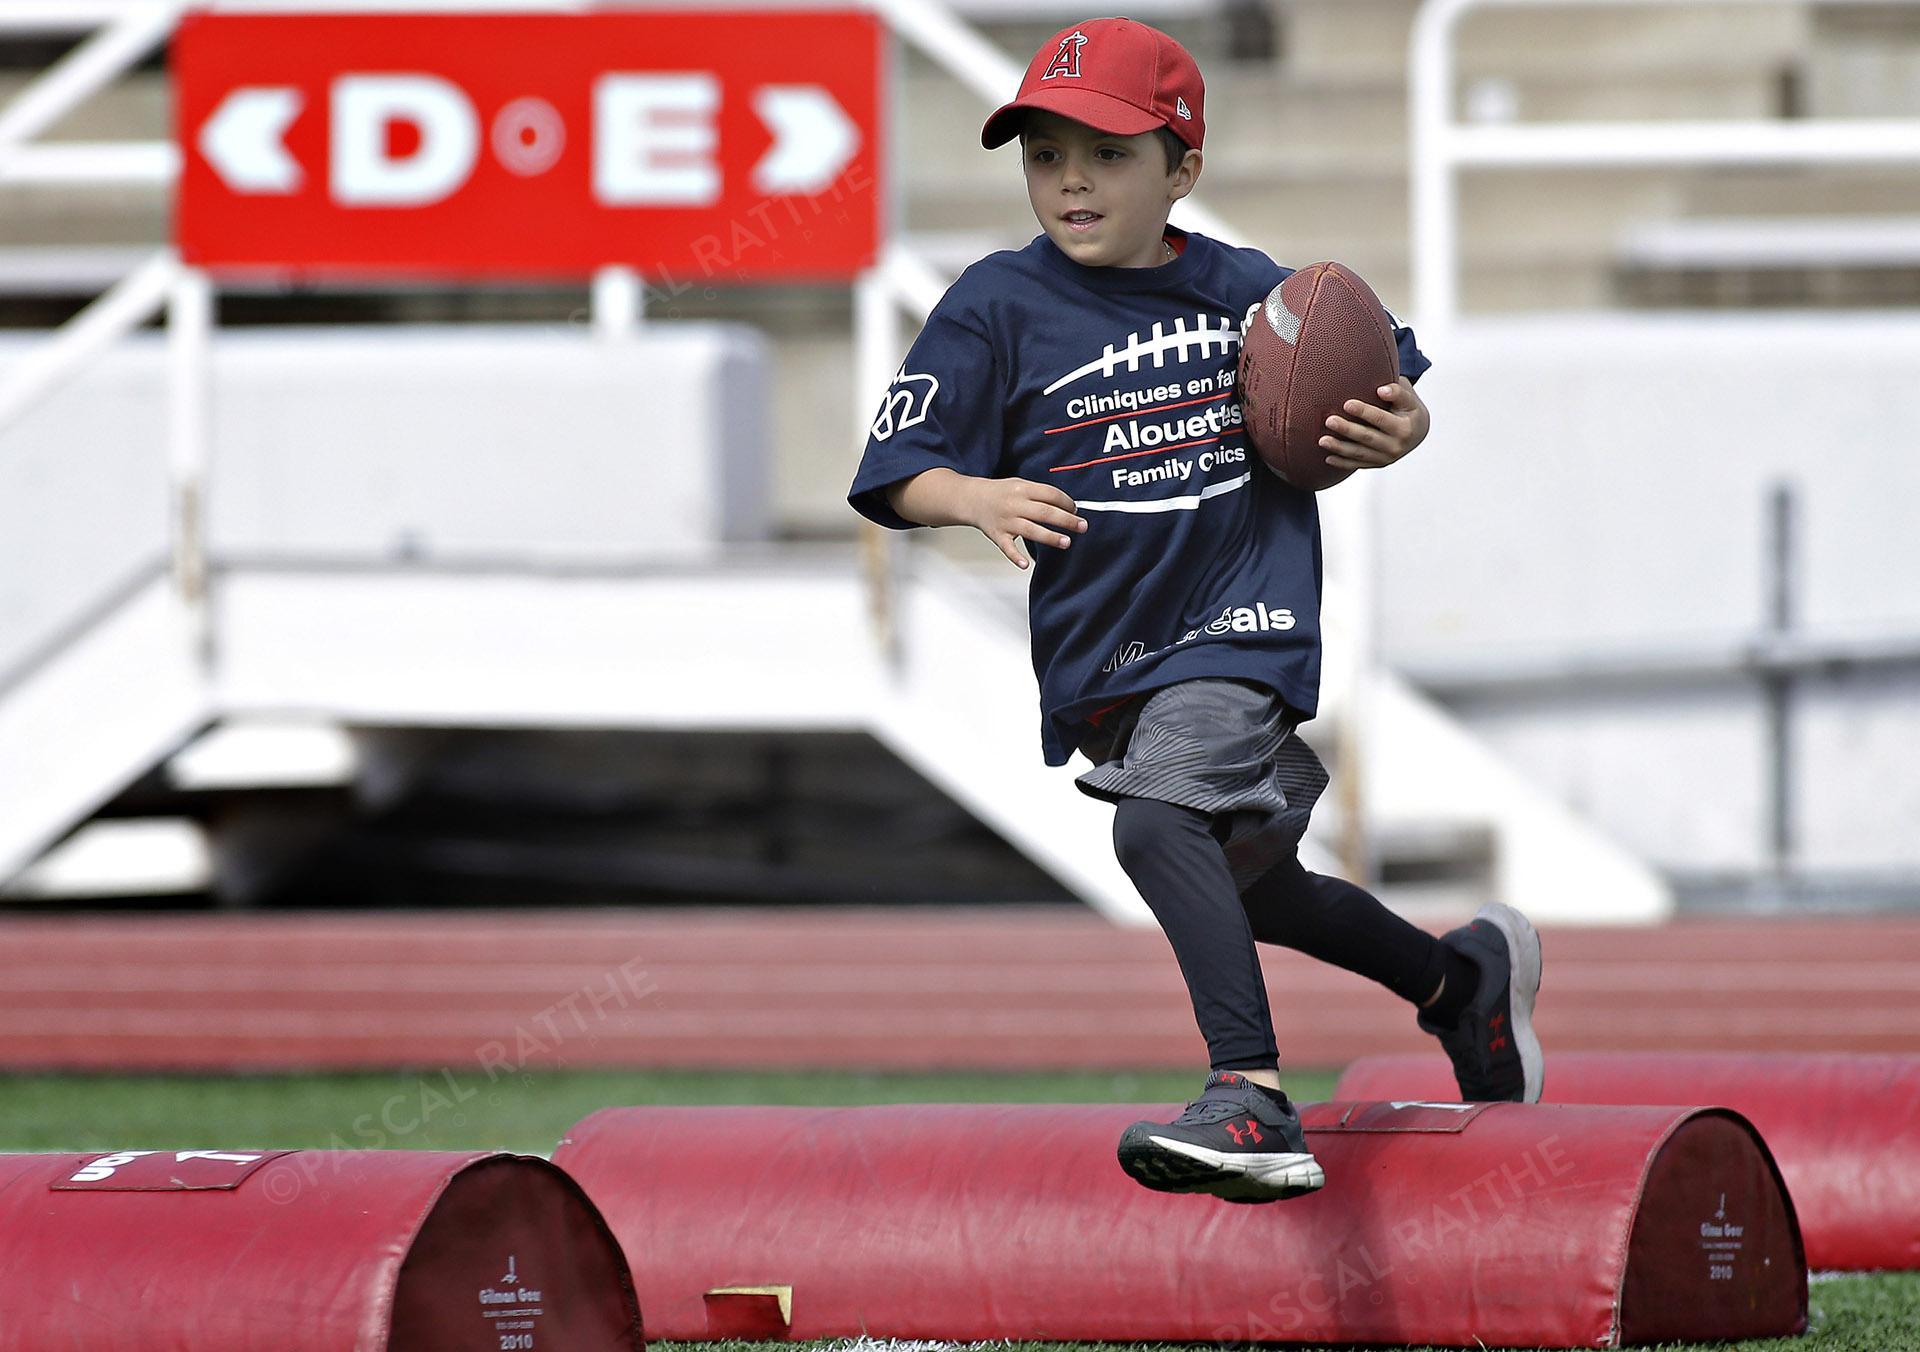 Cliniques Football des Alouettes de Montréal un jeune enfant saute avec un ballon par dessus un sac rouge